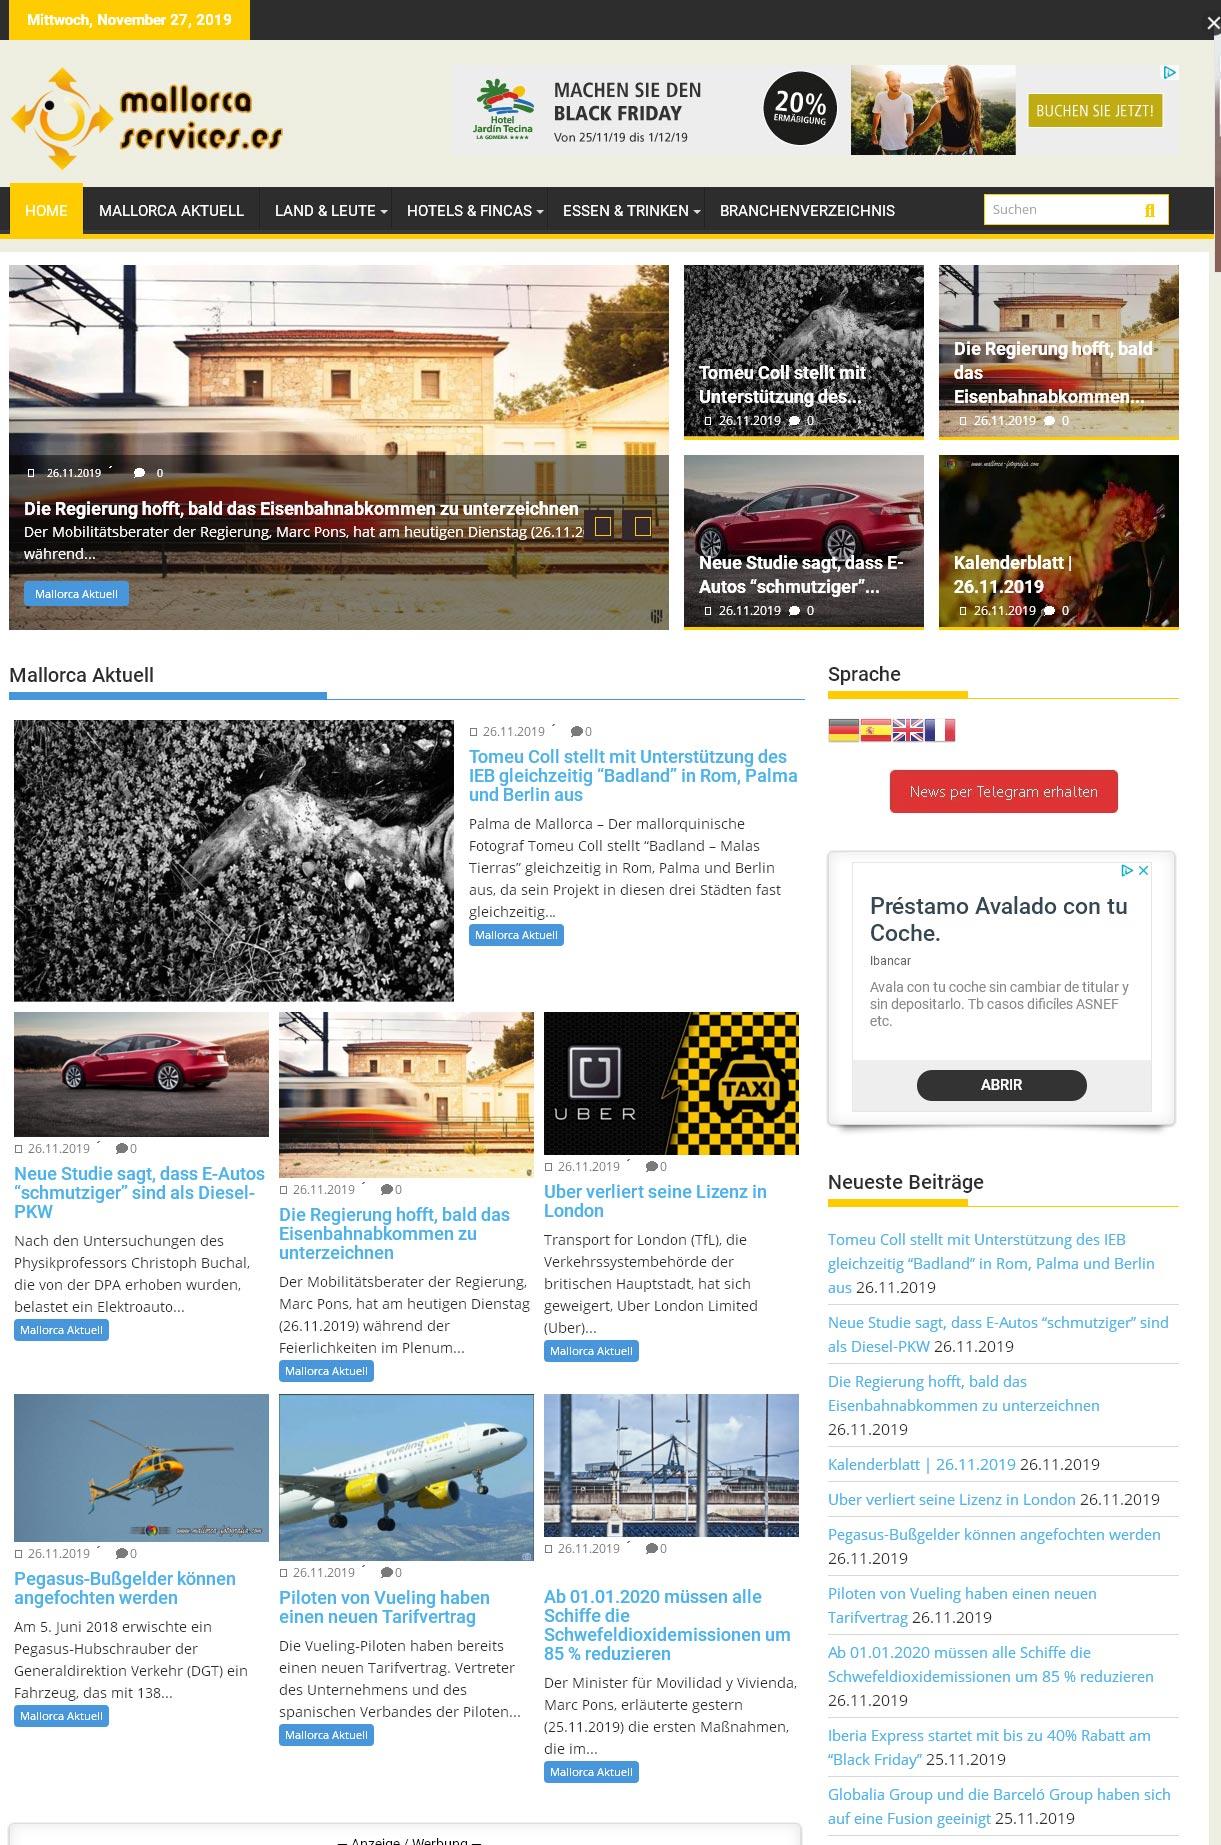 mallorca-services.es<br />Entwicklung der CI, Grafik & Layout für Online<br />www.mallorca-services.es